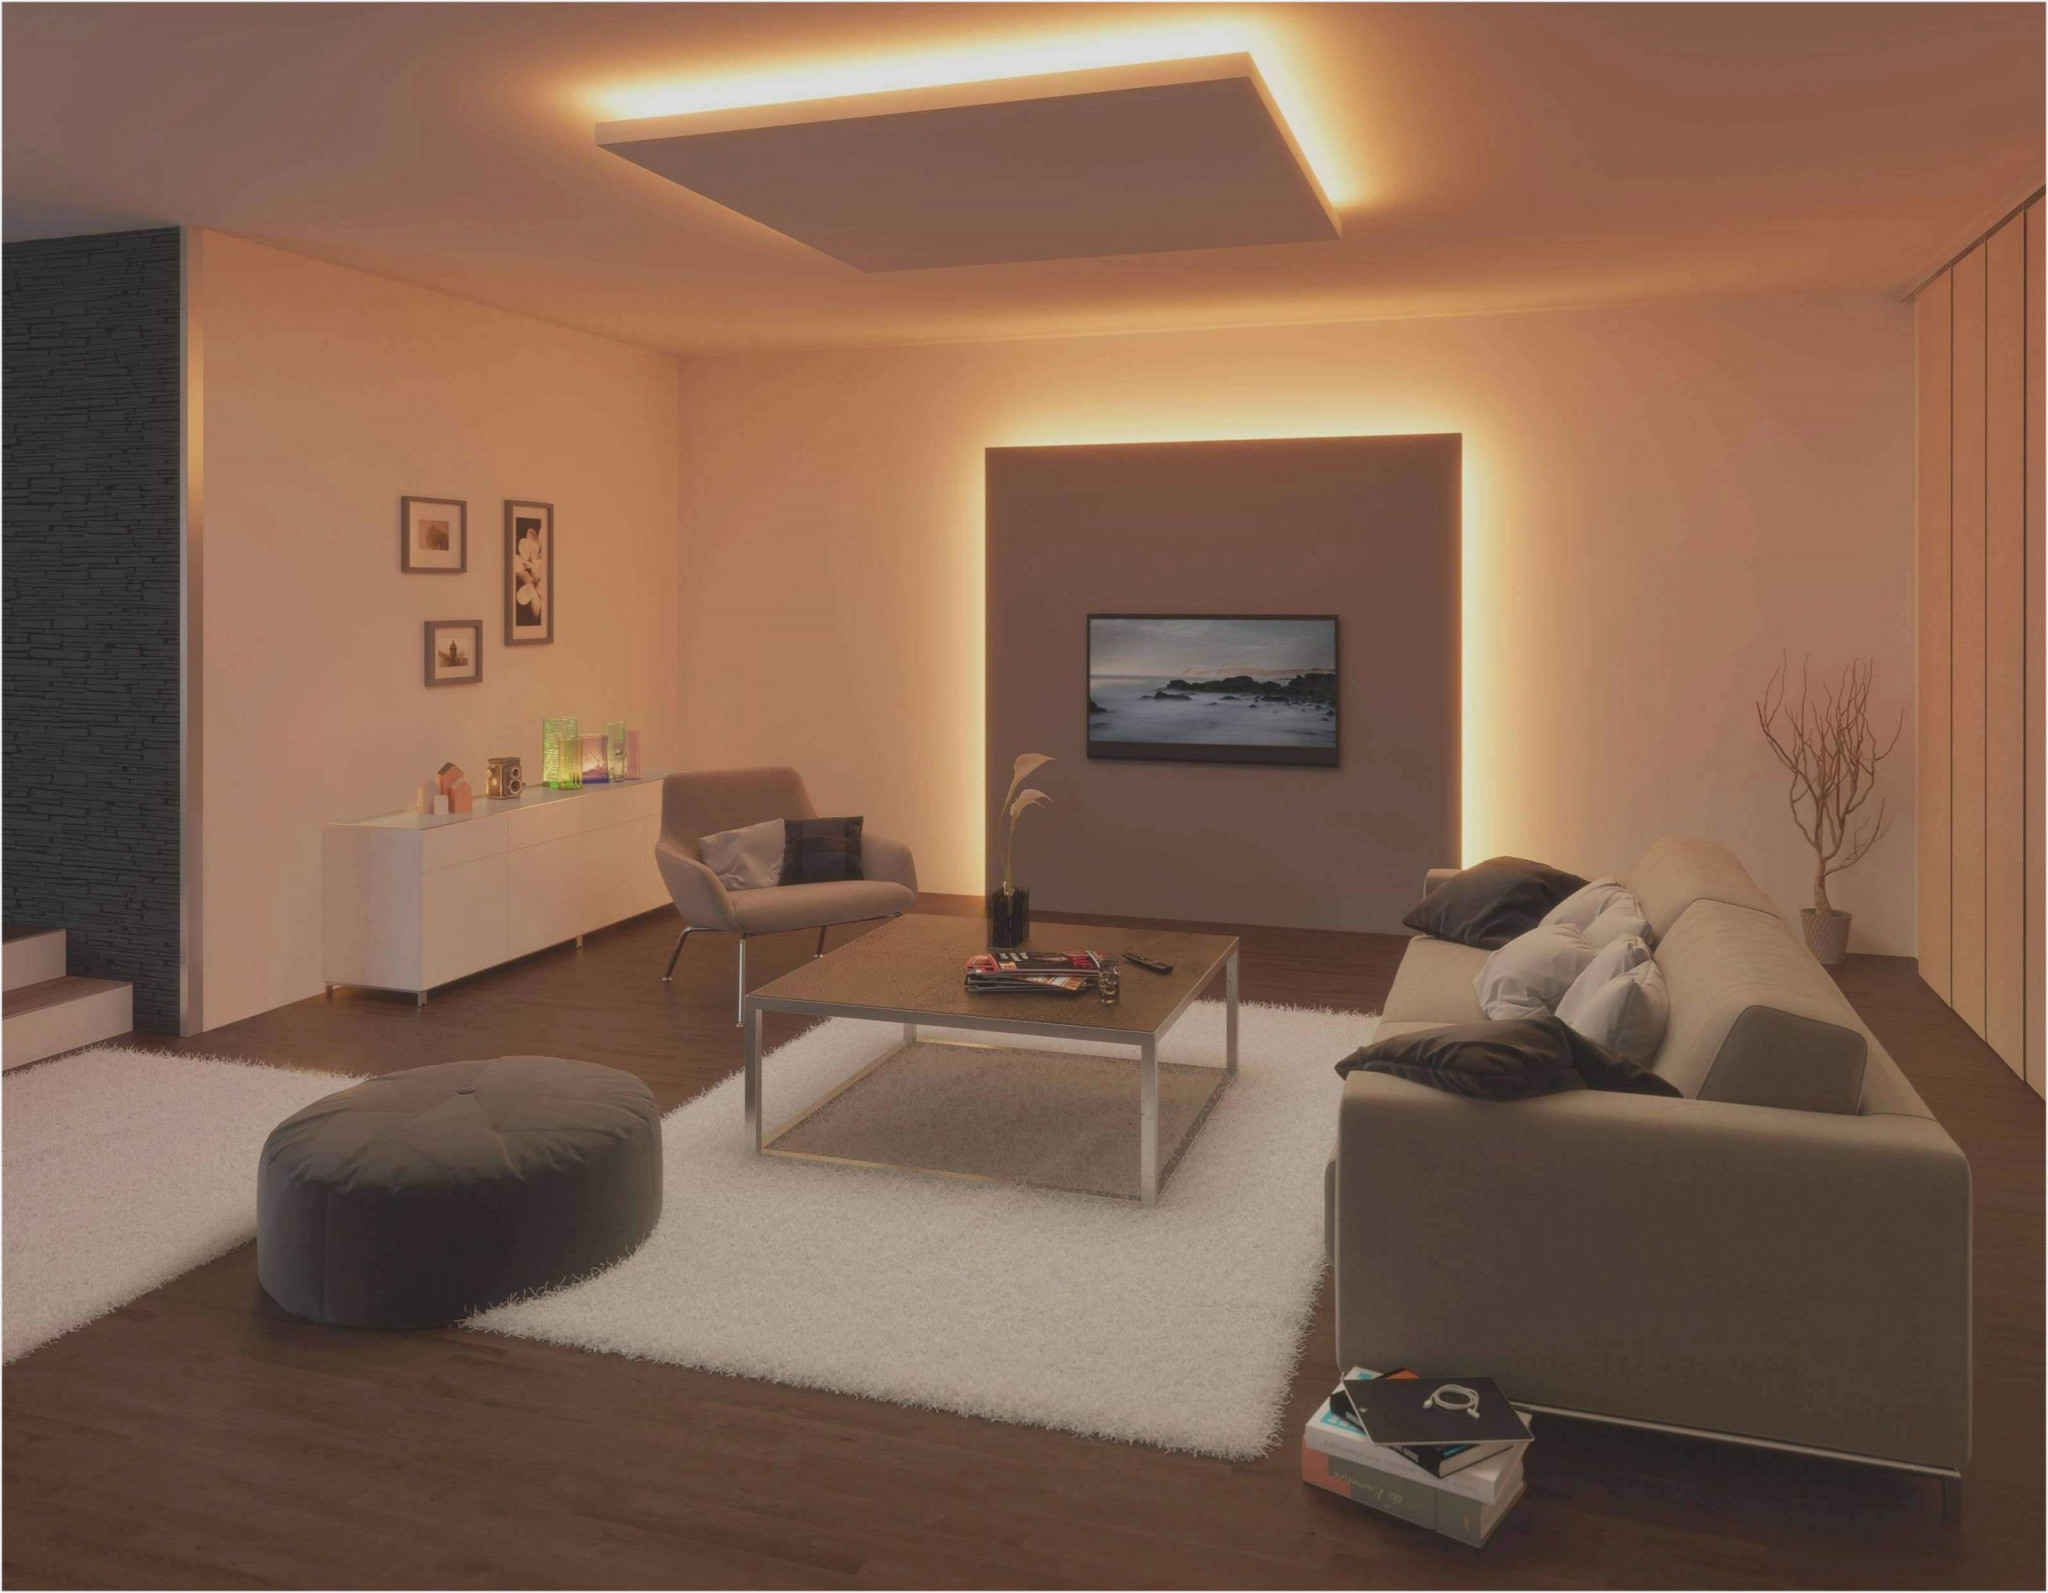 Deckenleuchte Wohnzimmer Landhausstil Mit Holz  Wohnzimmer von Deckenlampe Wohnzimmer Landhaus Photo